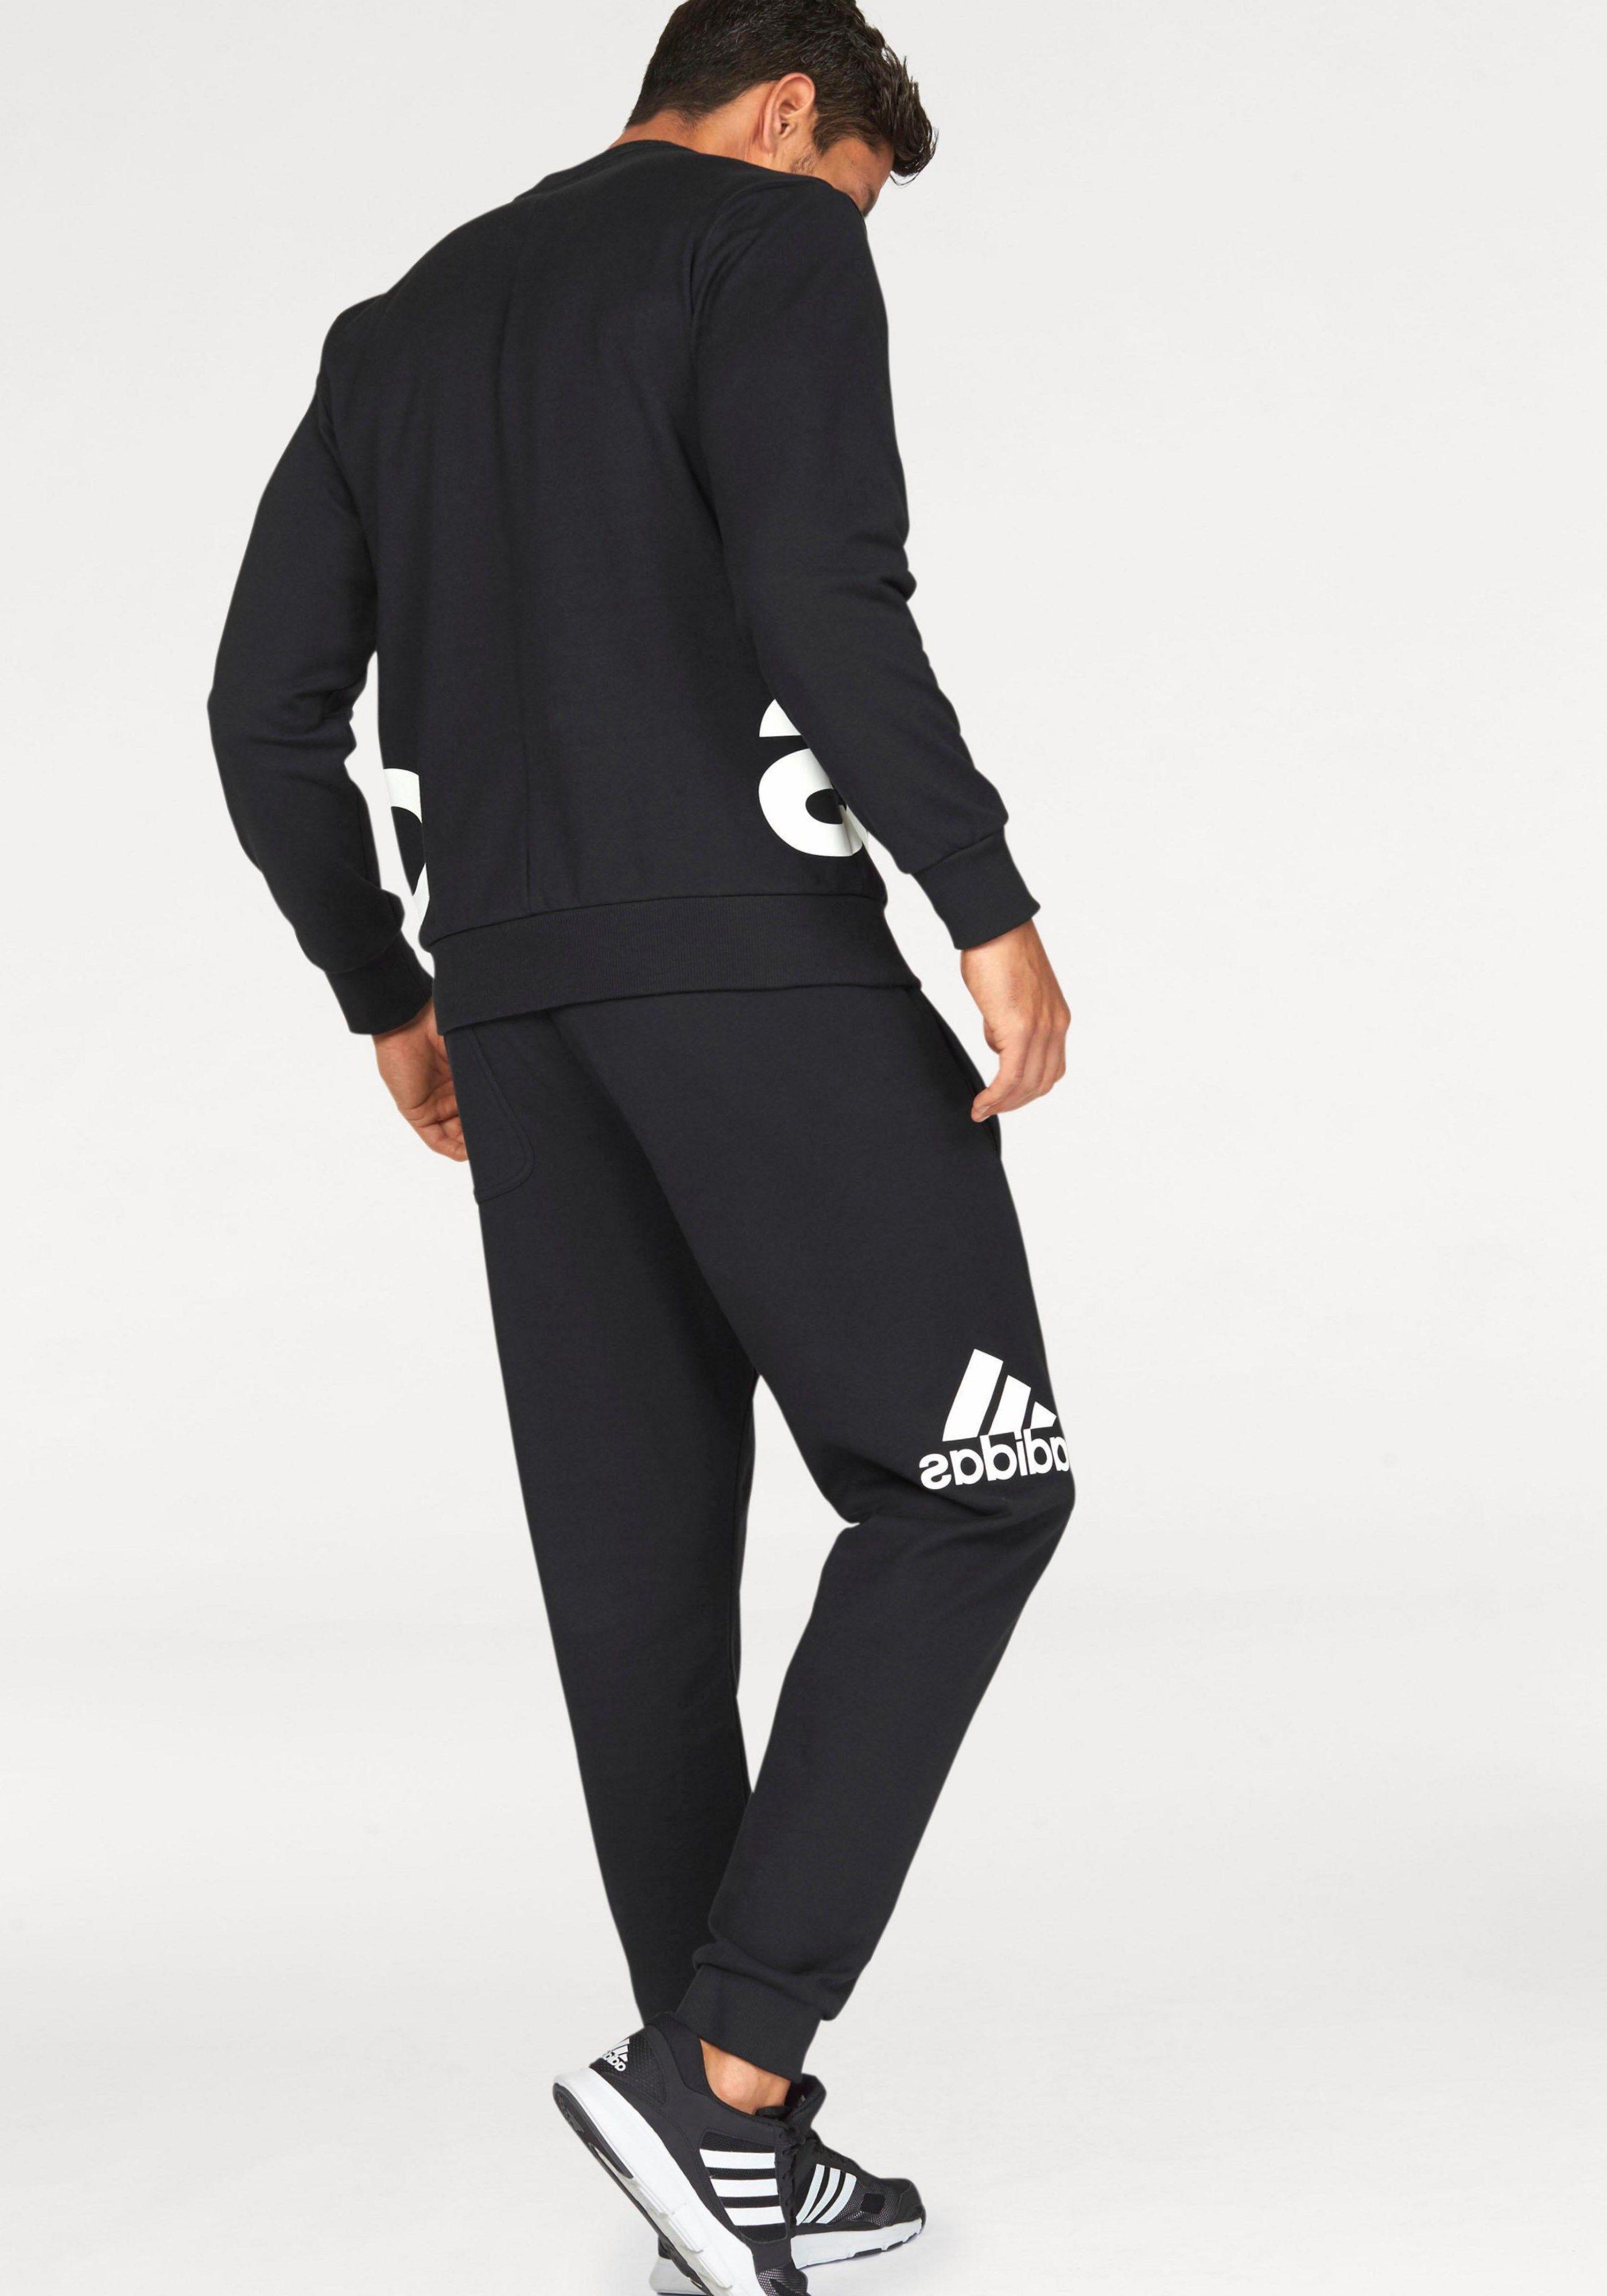 Adidas jogginganzug. | Trainingsanzug in 2019 | Jogginganzug ...